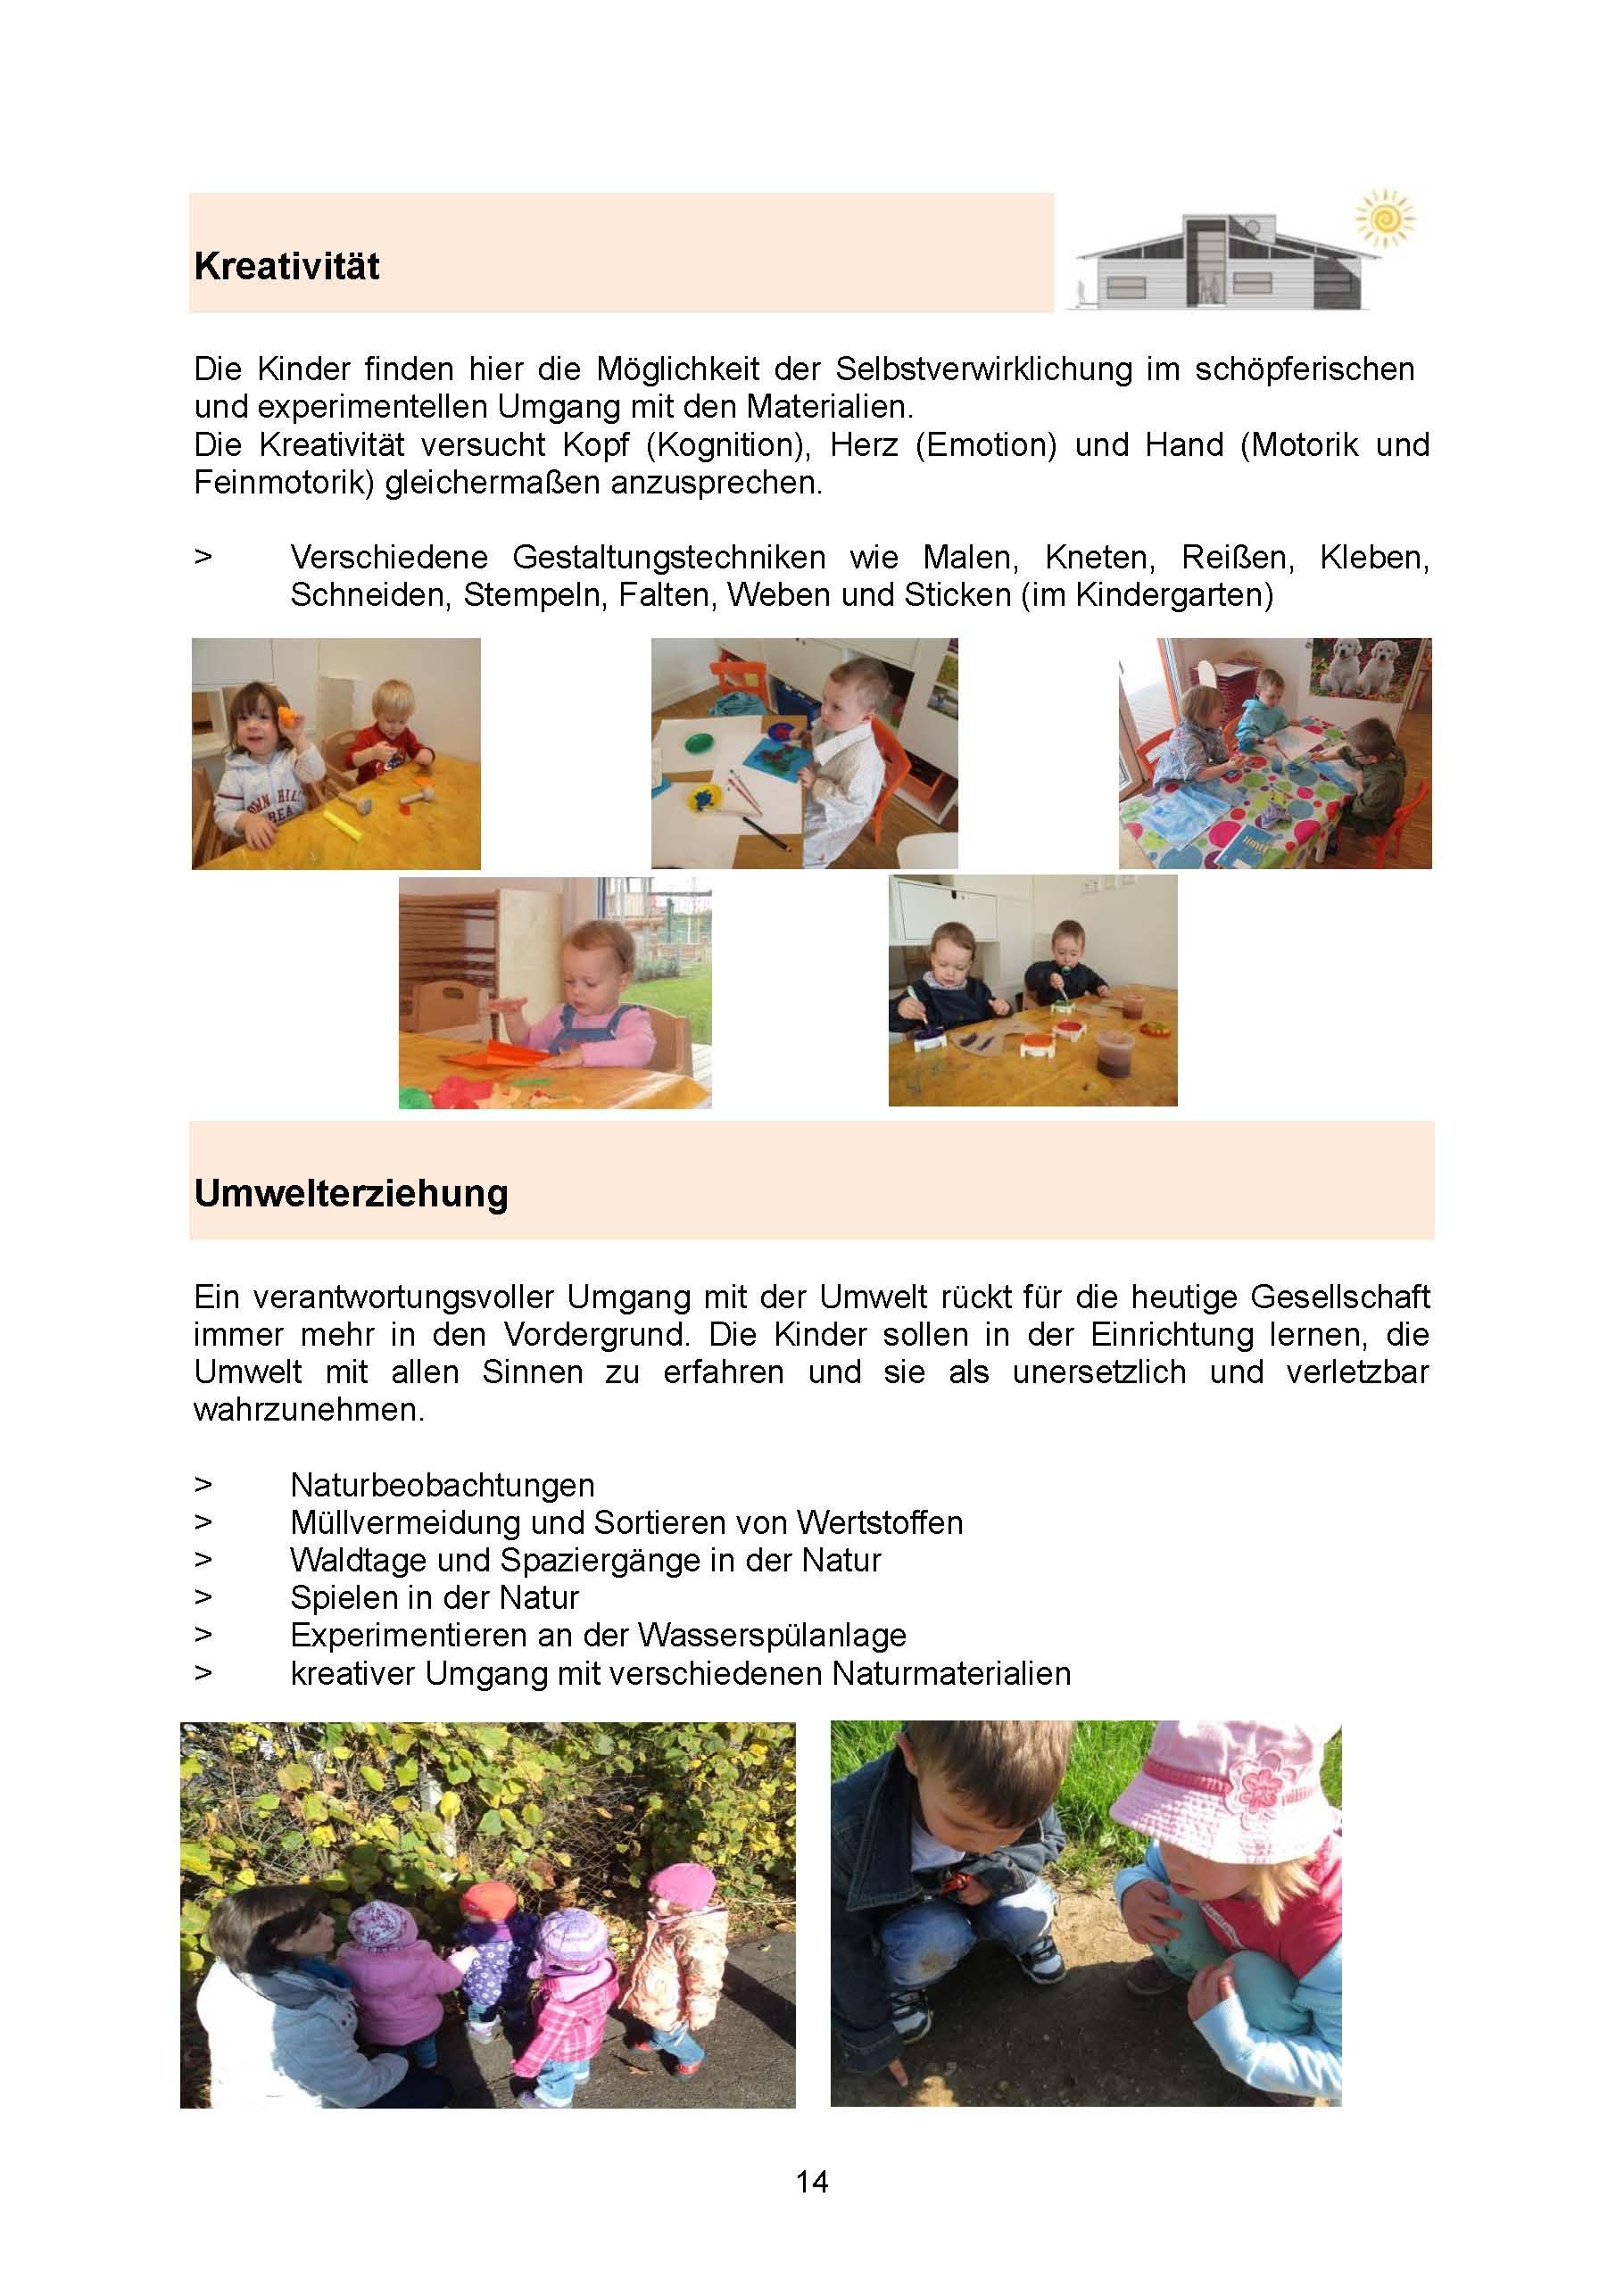 Seite 14 Kreativität und Umwelterziehung